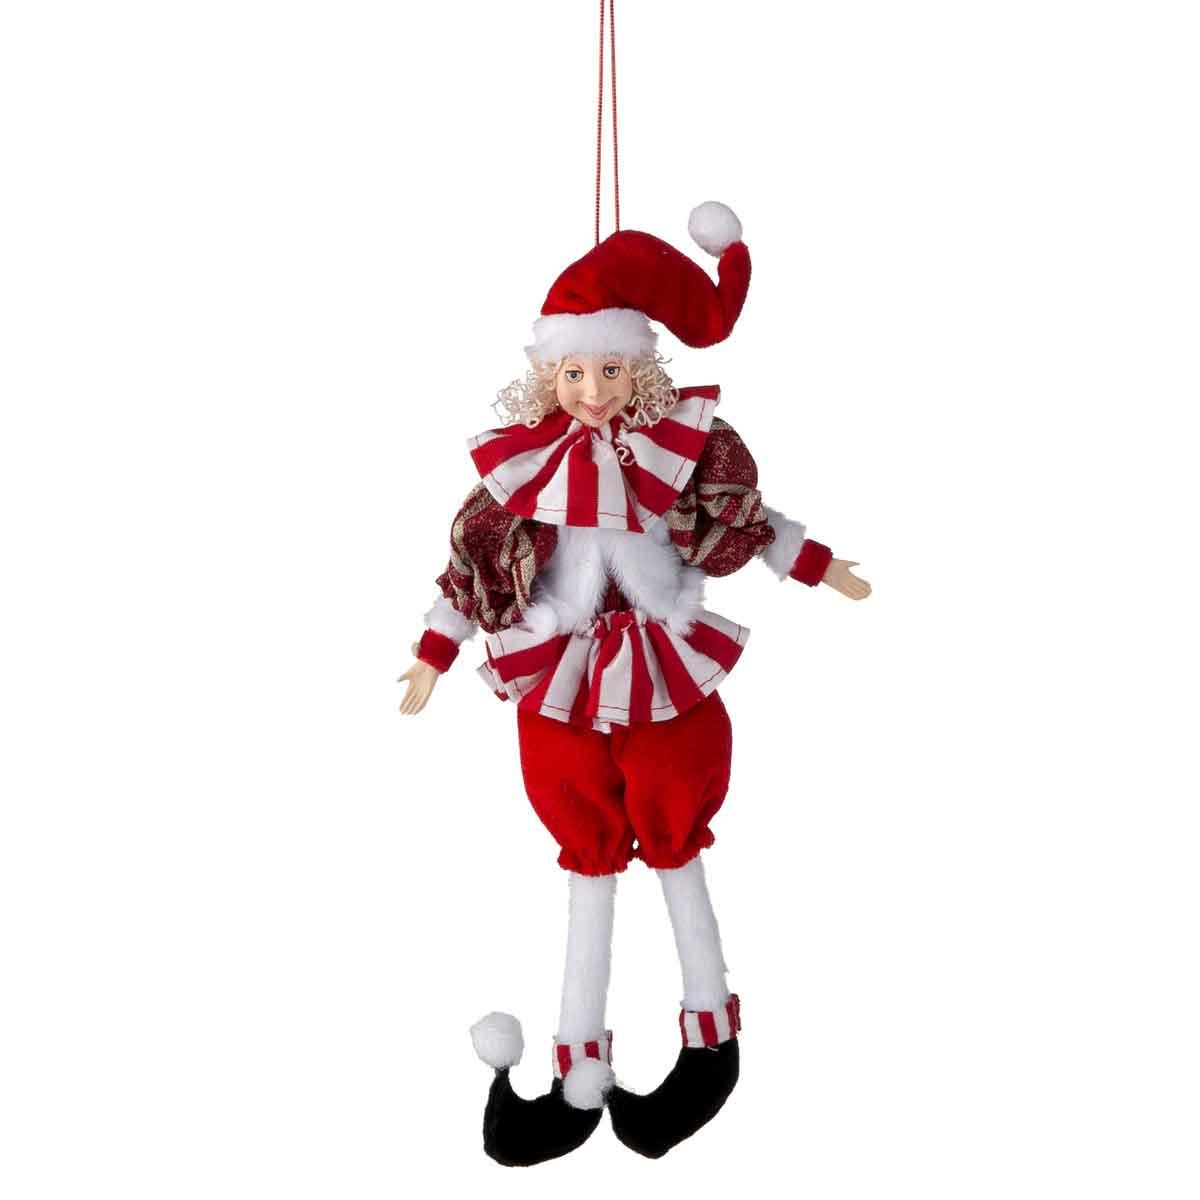 Elfo appendibile bianco e rosso altezza 33cm